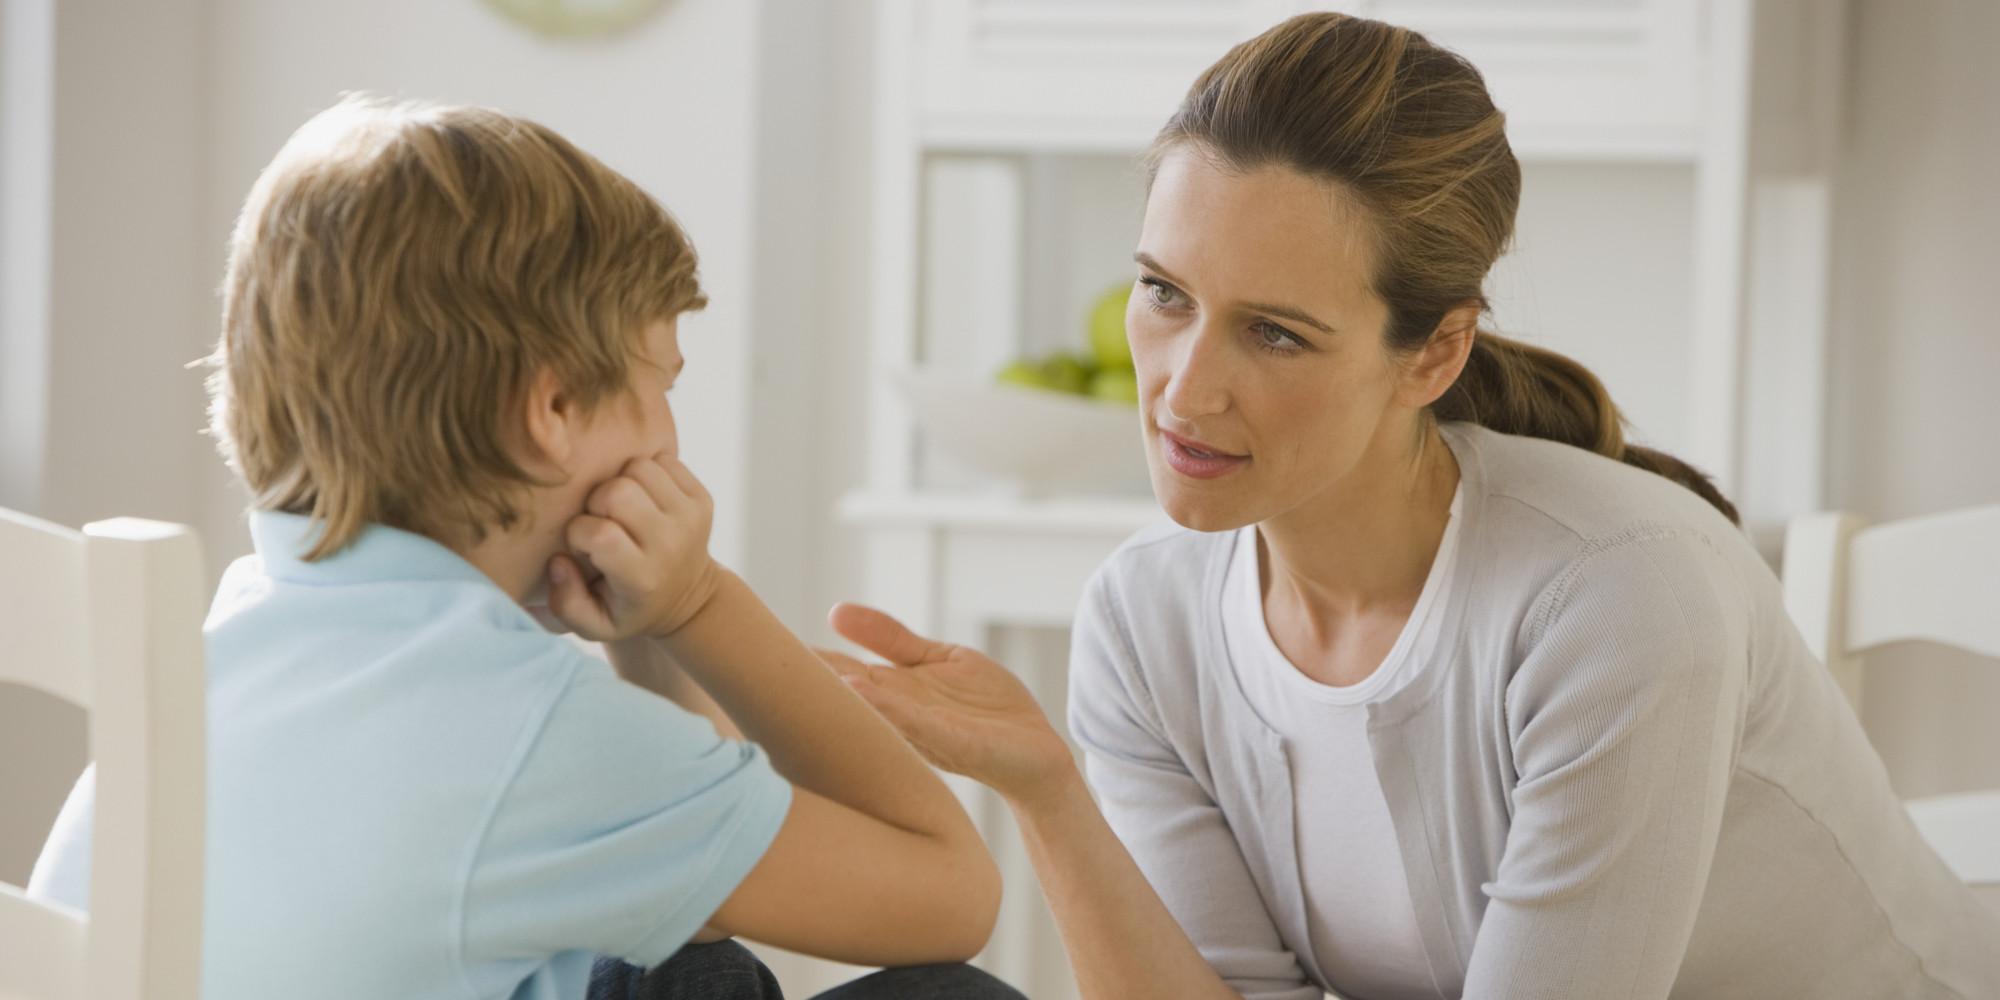 این یک ایده خوب است که با مهربانی کلمه درست و تلفظ صحیح آن را به بچهها بگویید.